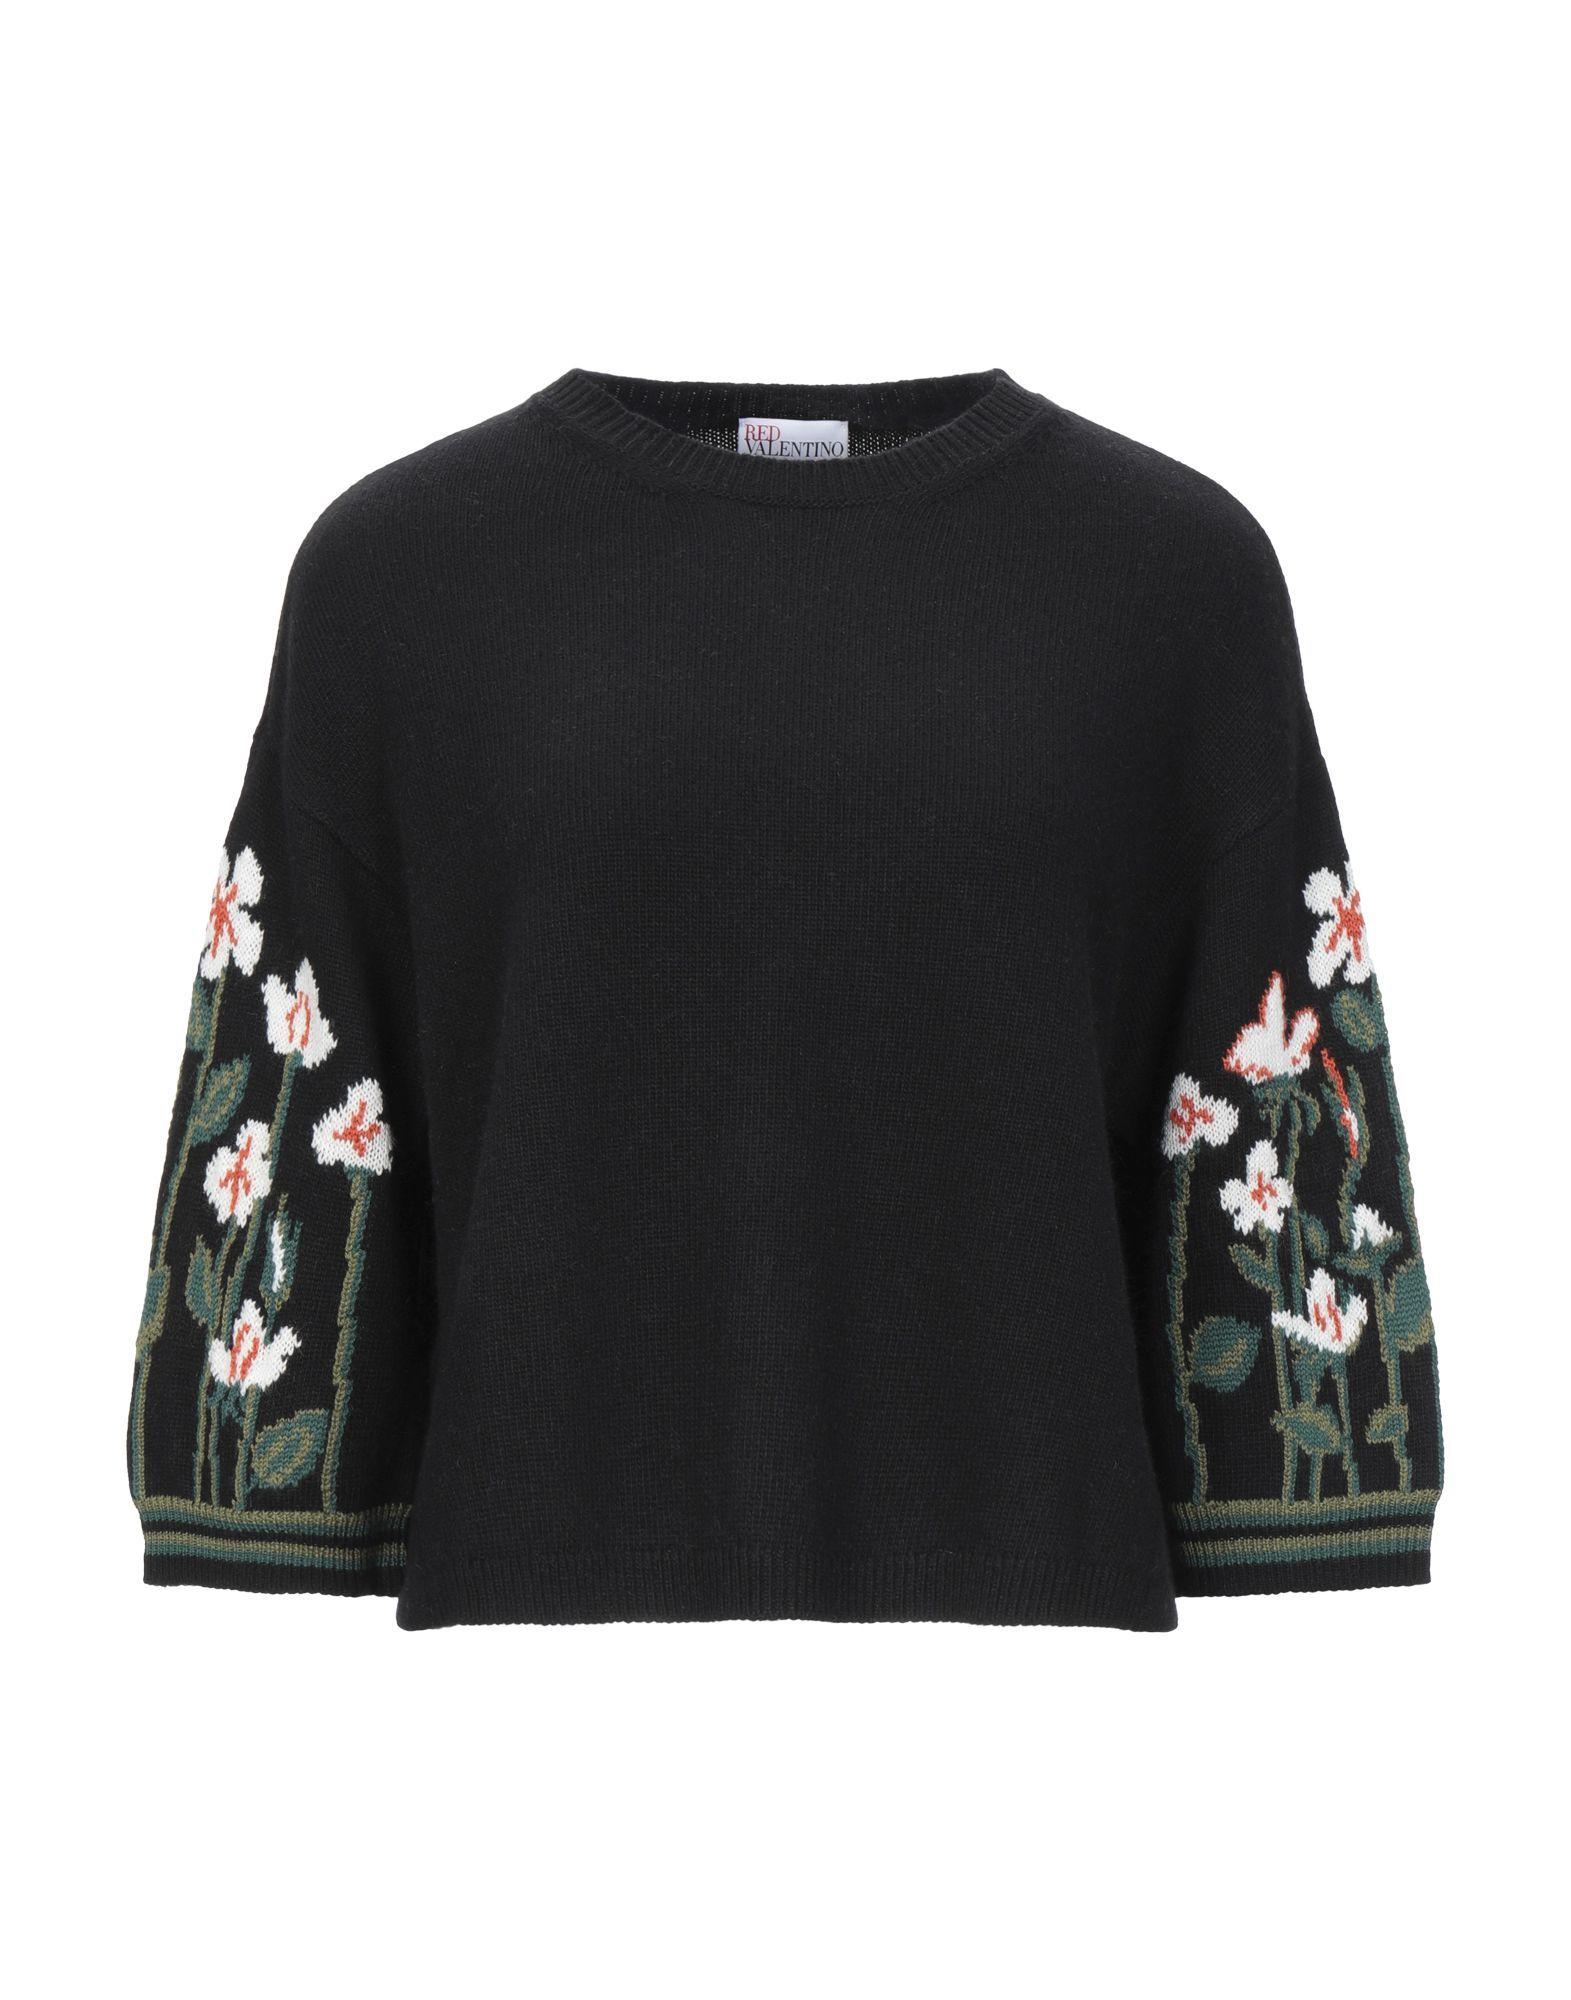 Redvalentino Black Wool Floral Design Jumper